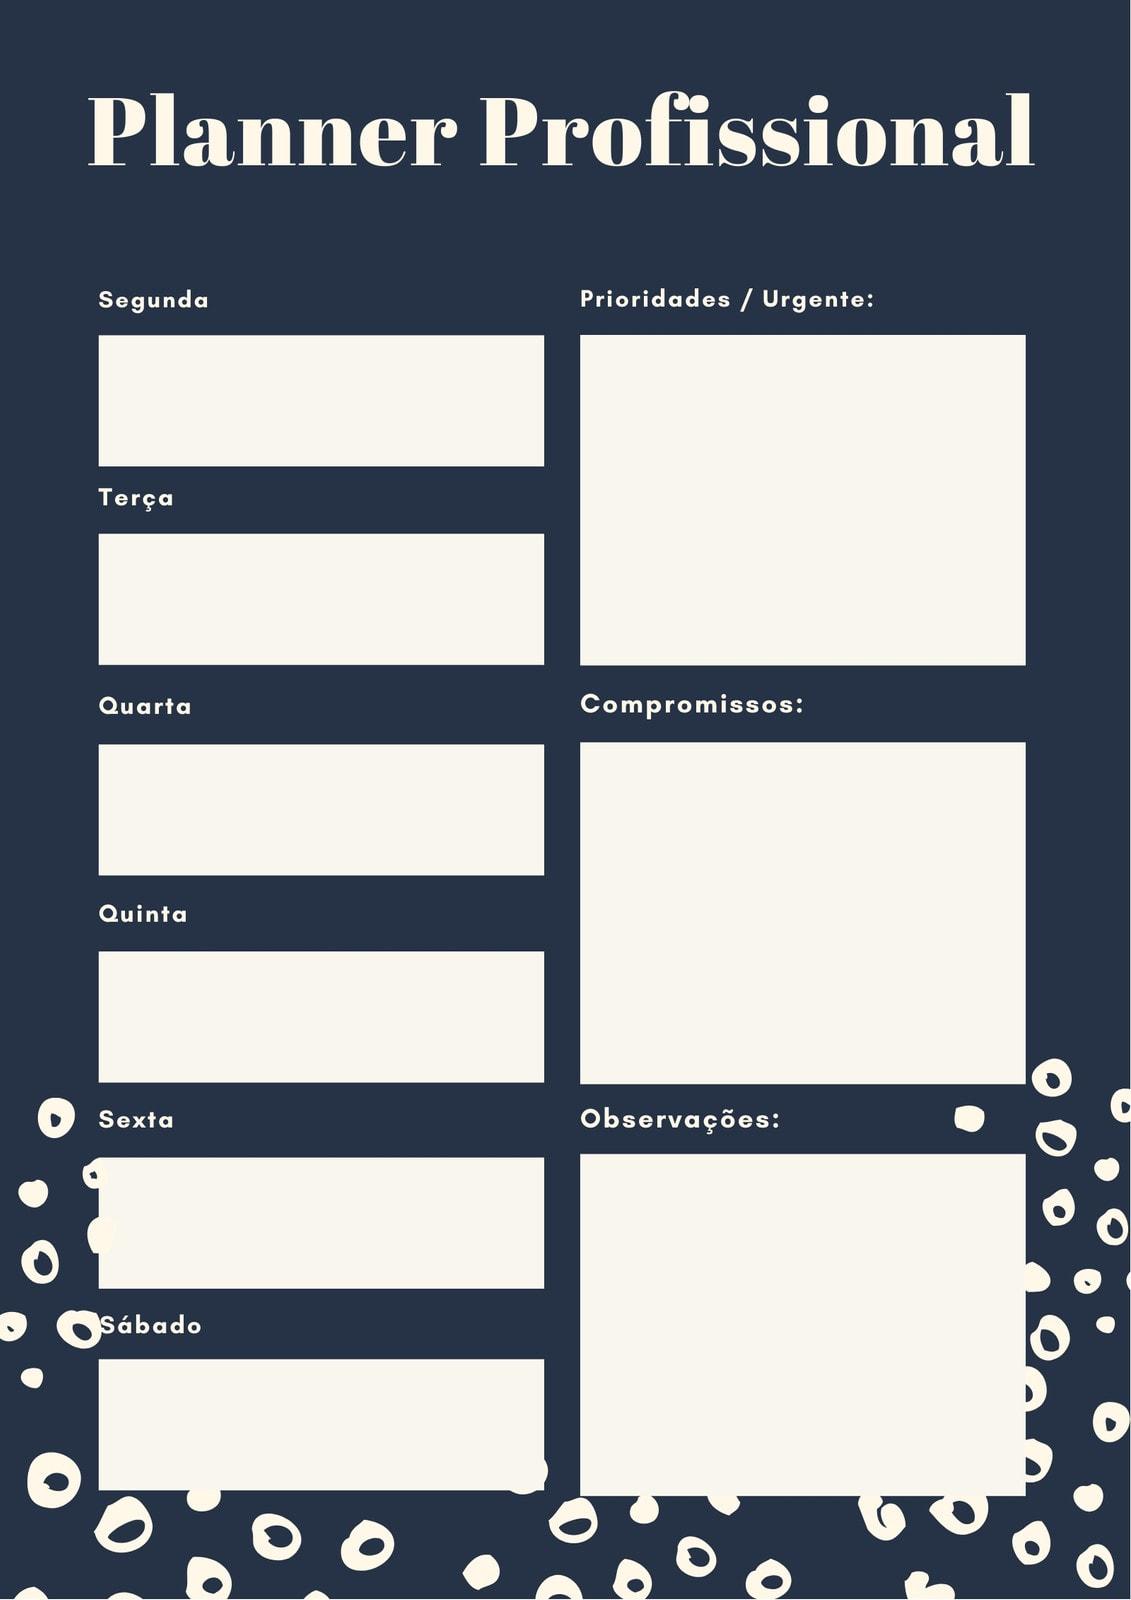 Azul Desenho Agenda Profissional Planejador